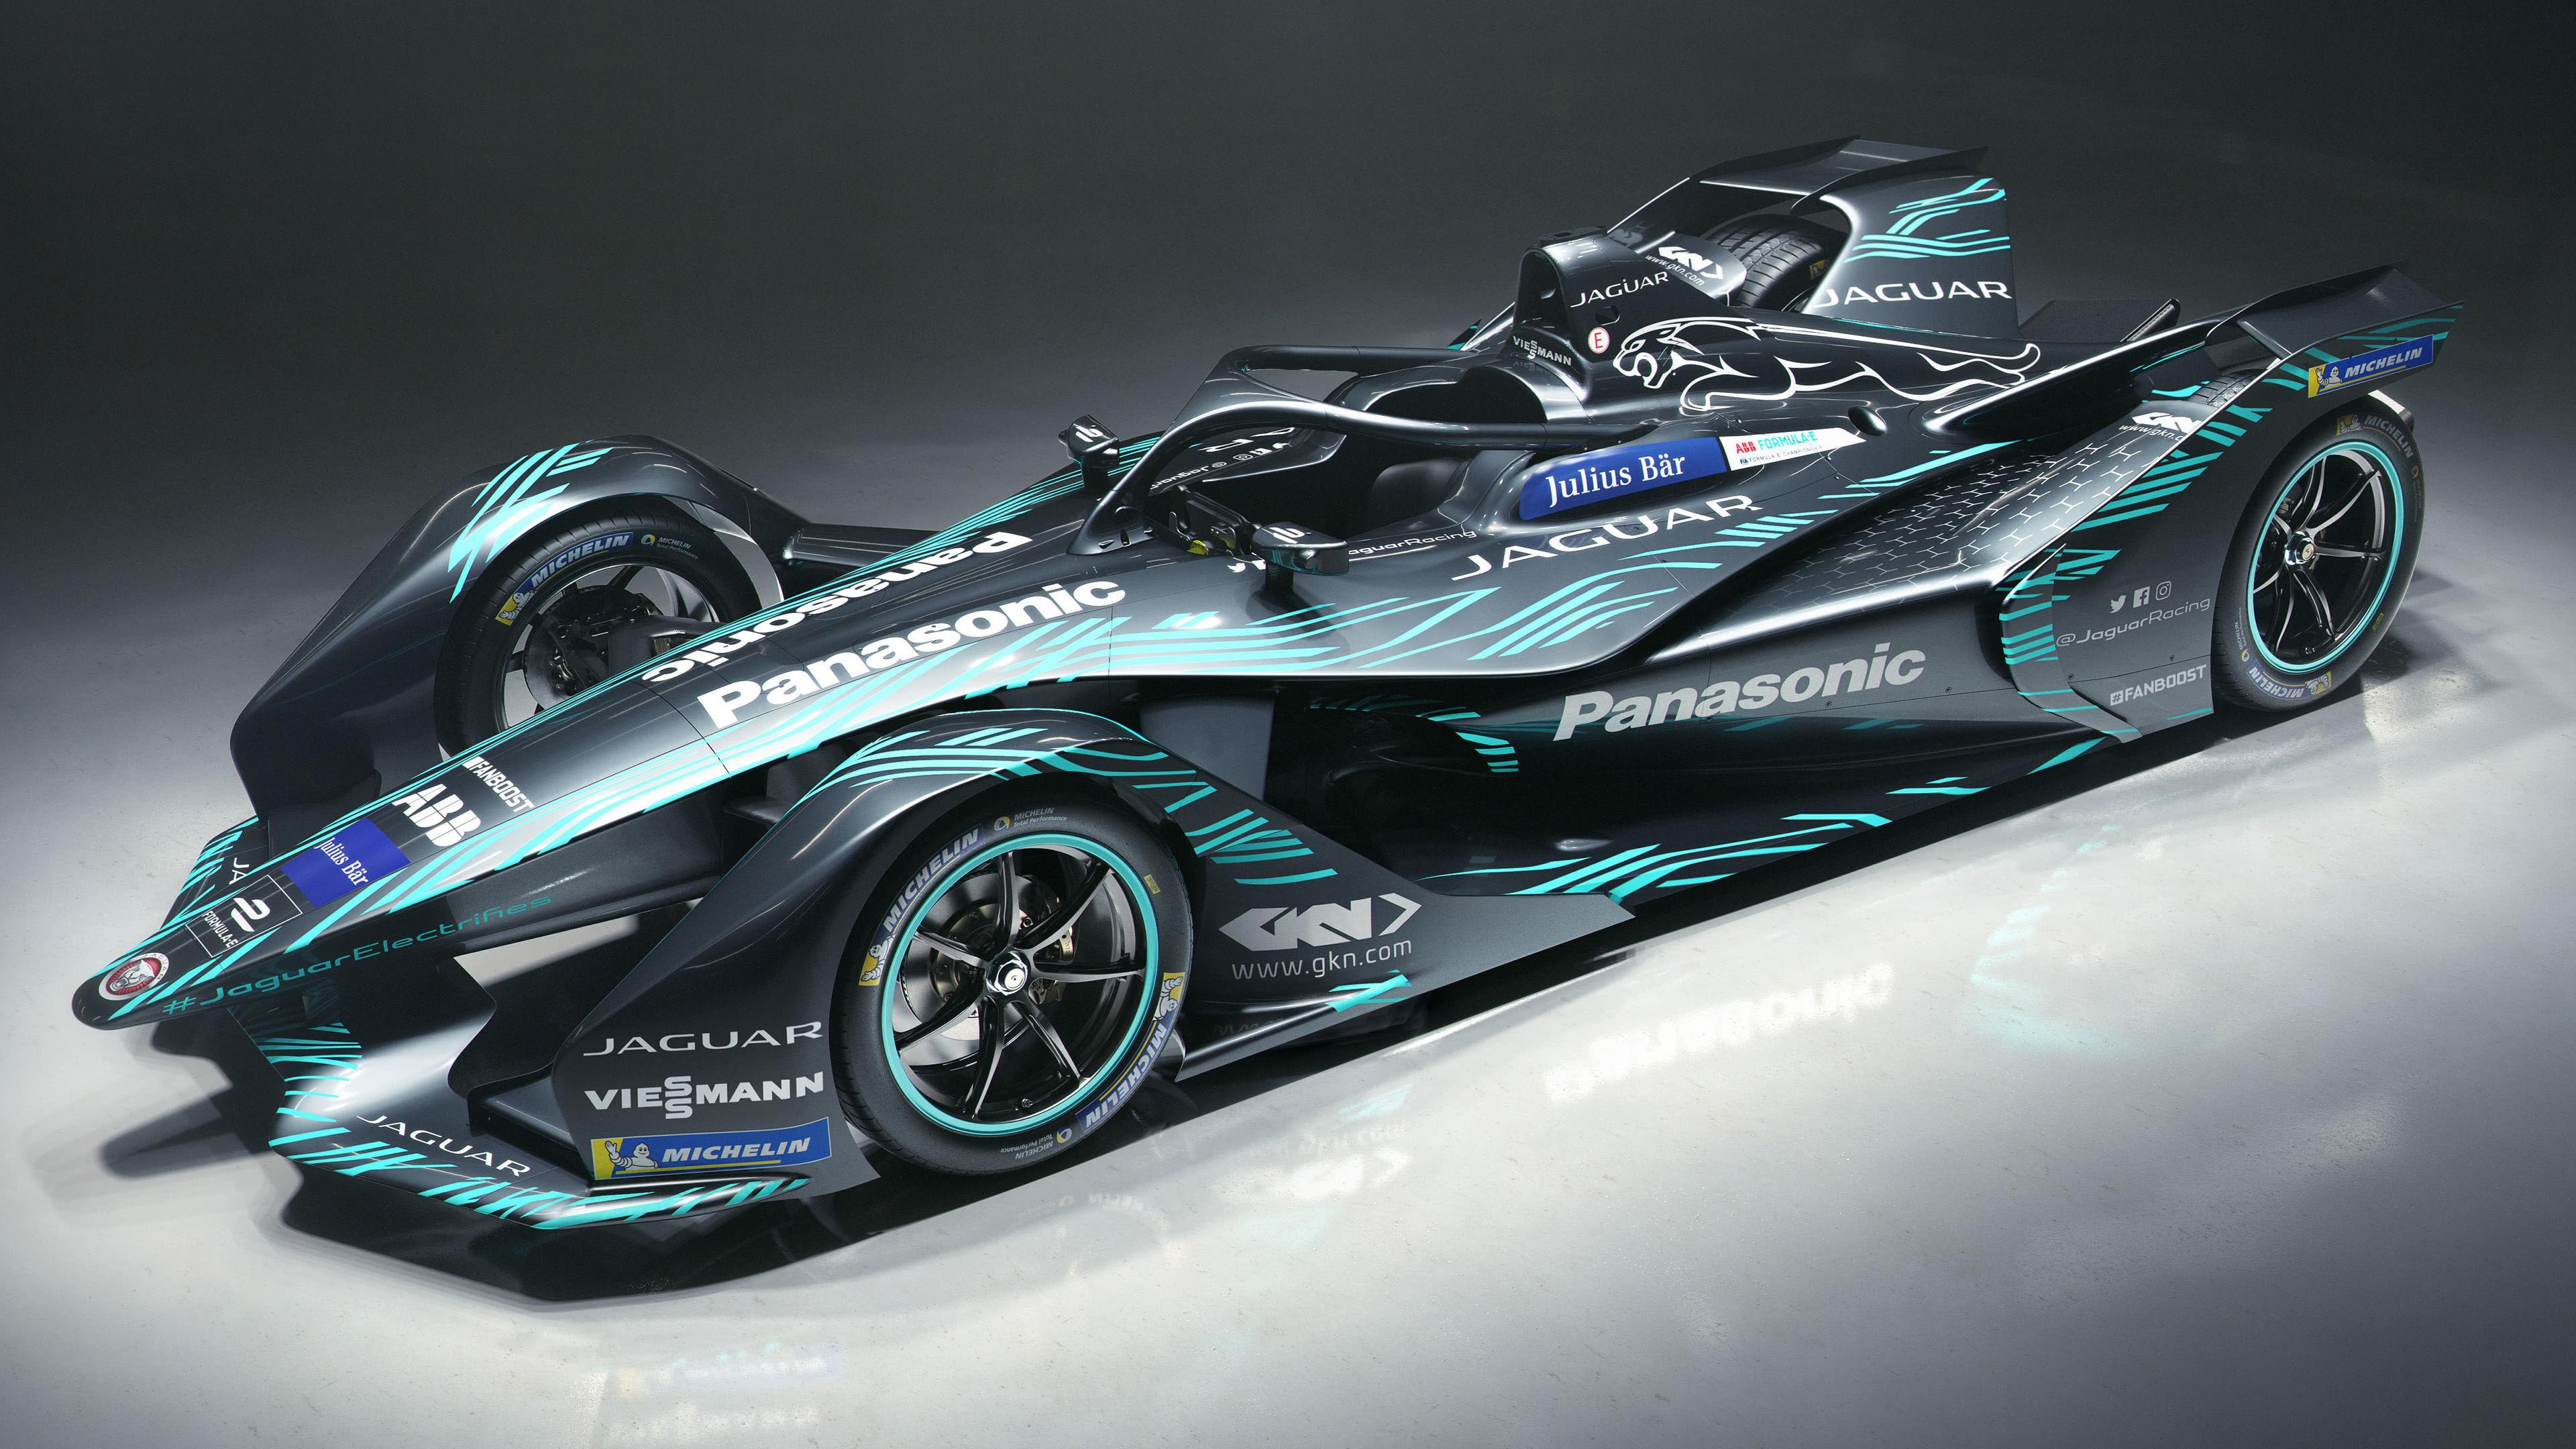 Jaguar Gen 2 Formula E Uhd 4k Wallpaper Pixelz